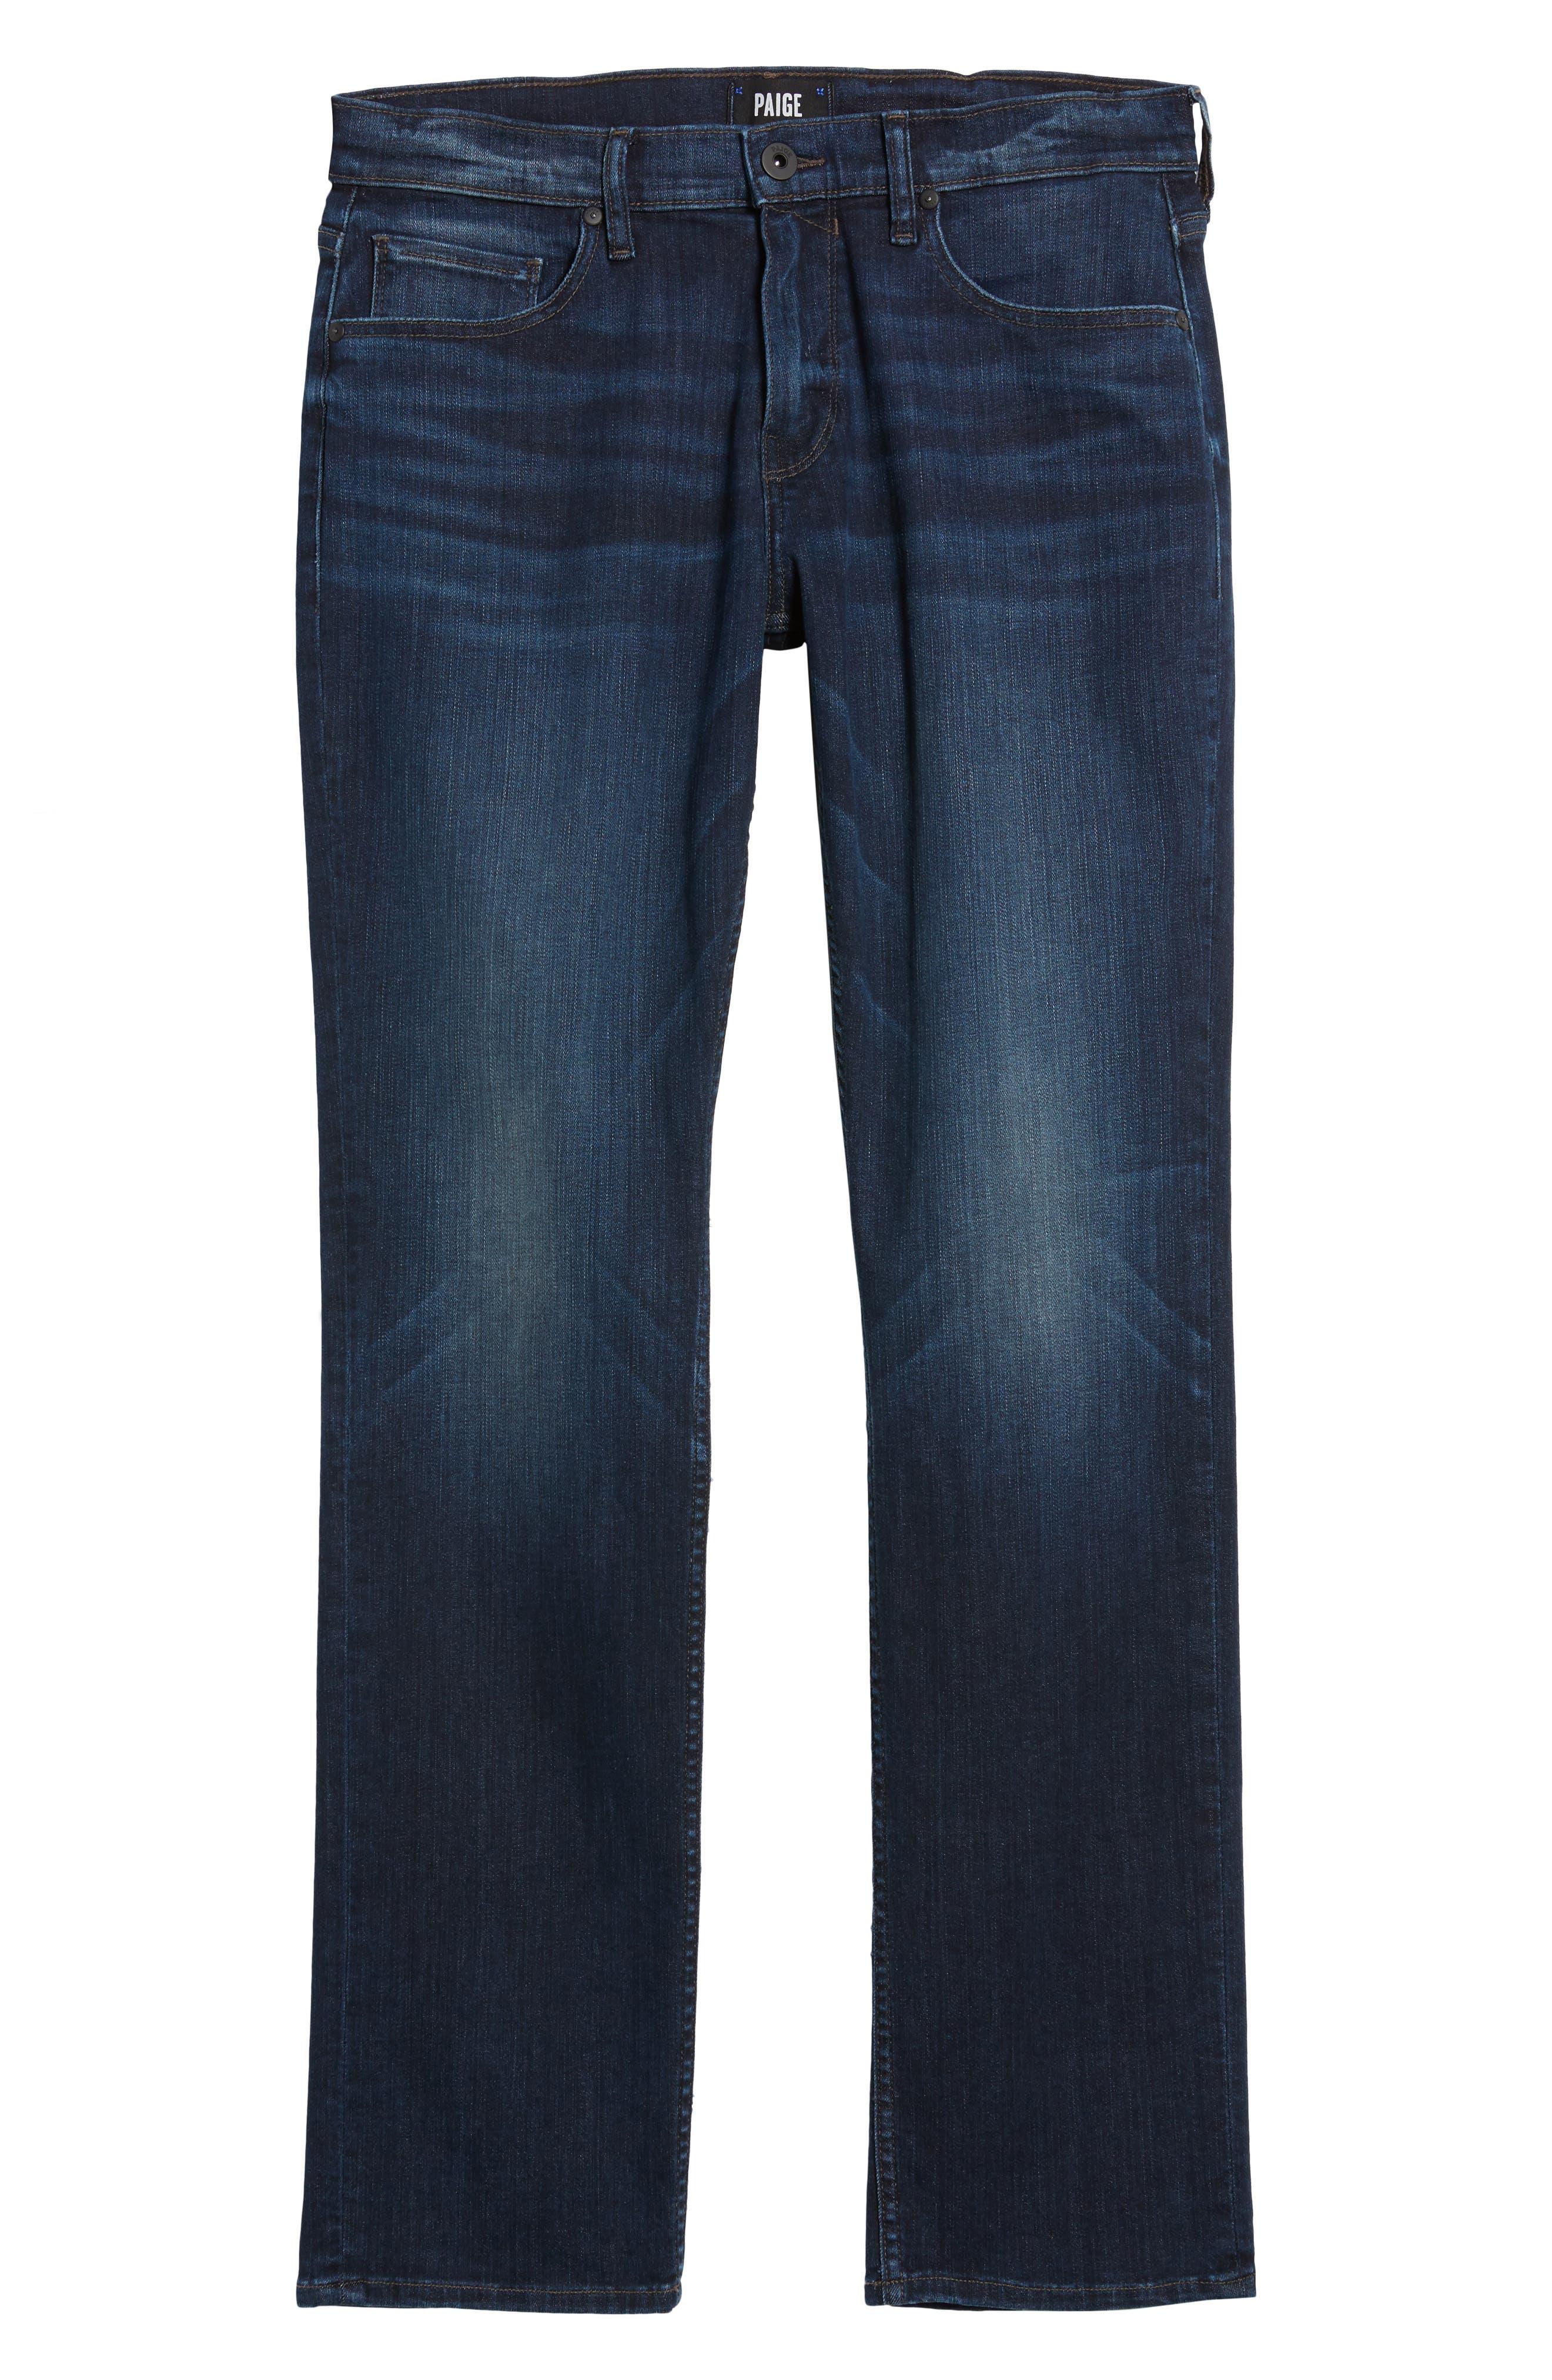 Transcend - Federal Slim Straight Leg Jeans,                             Alternate thumbnail 6, color,                             Graham